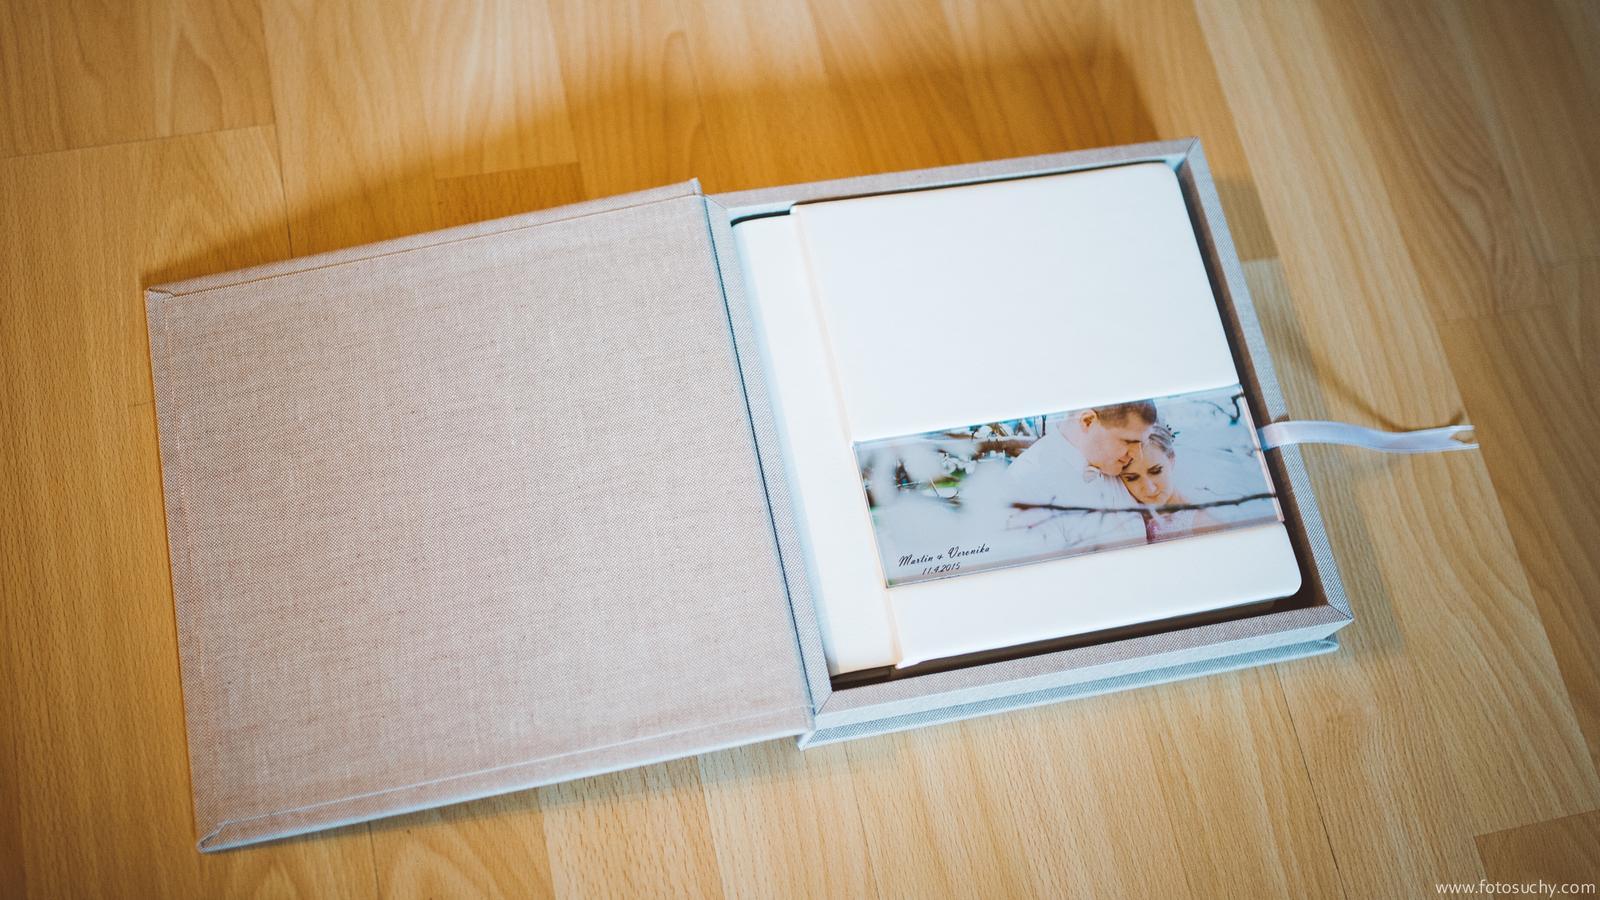 Fotokniha www.fotosuchy.com - Obrázok č. 1